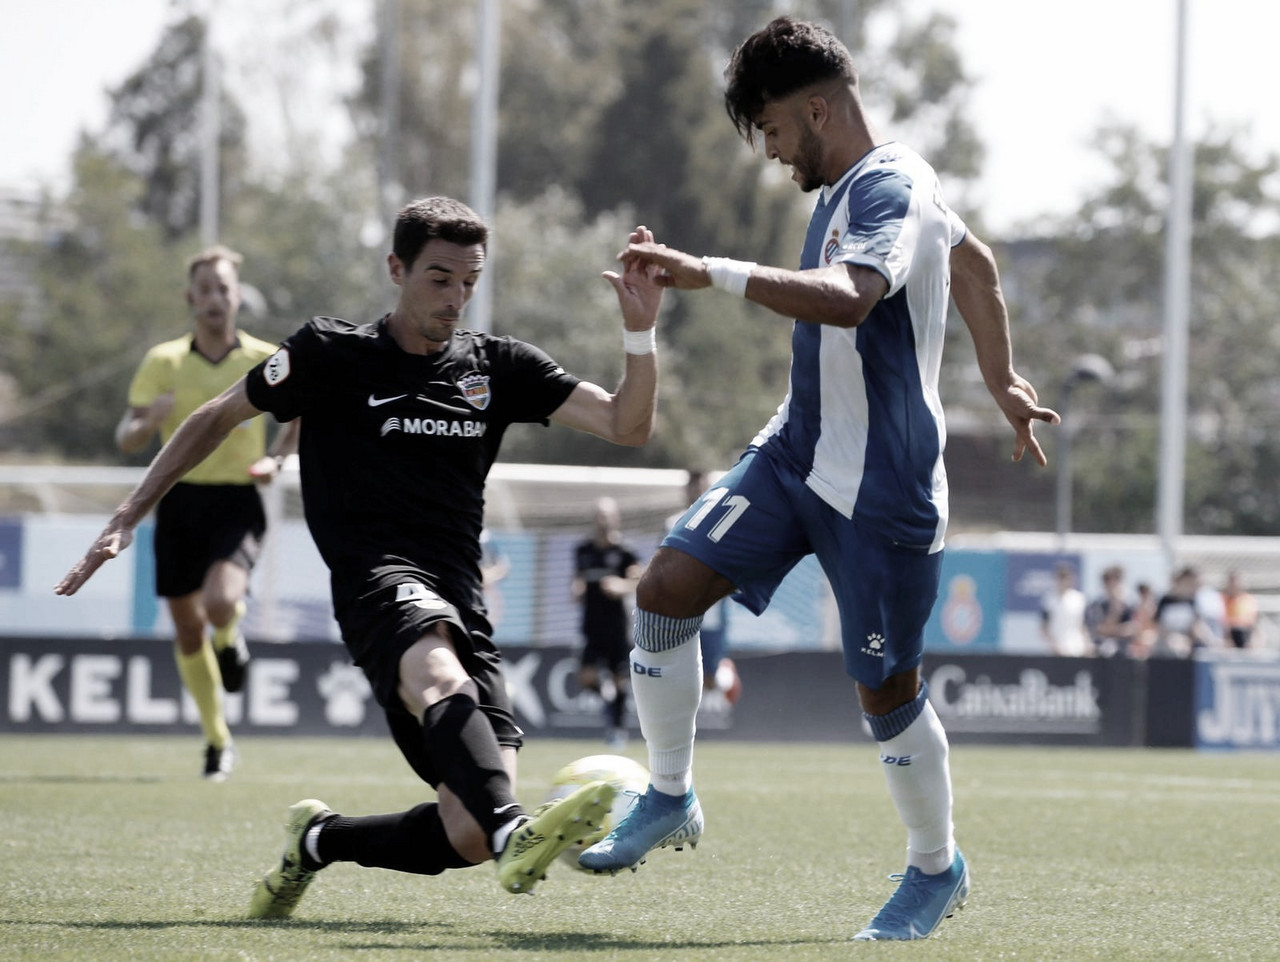 Nàstic - Espanyol B (2-2): Un Moha estelar impide la victoria del Nàstic